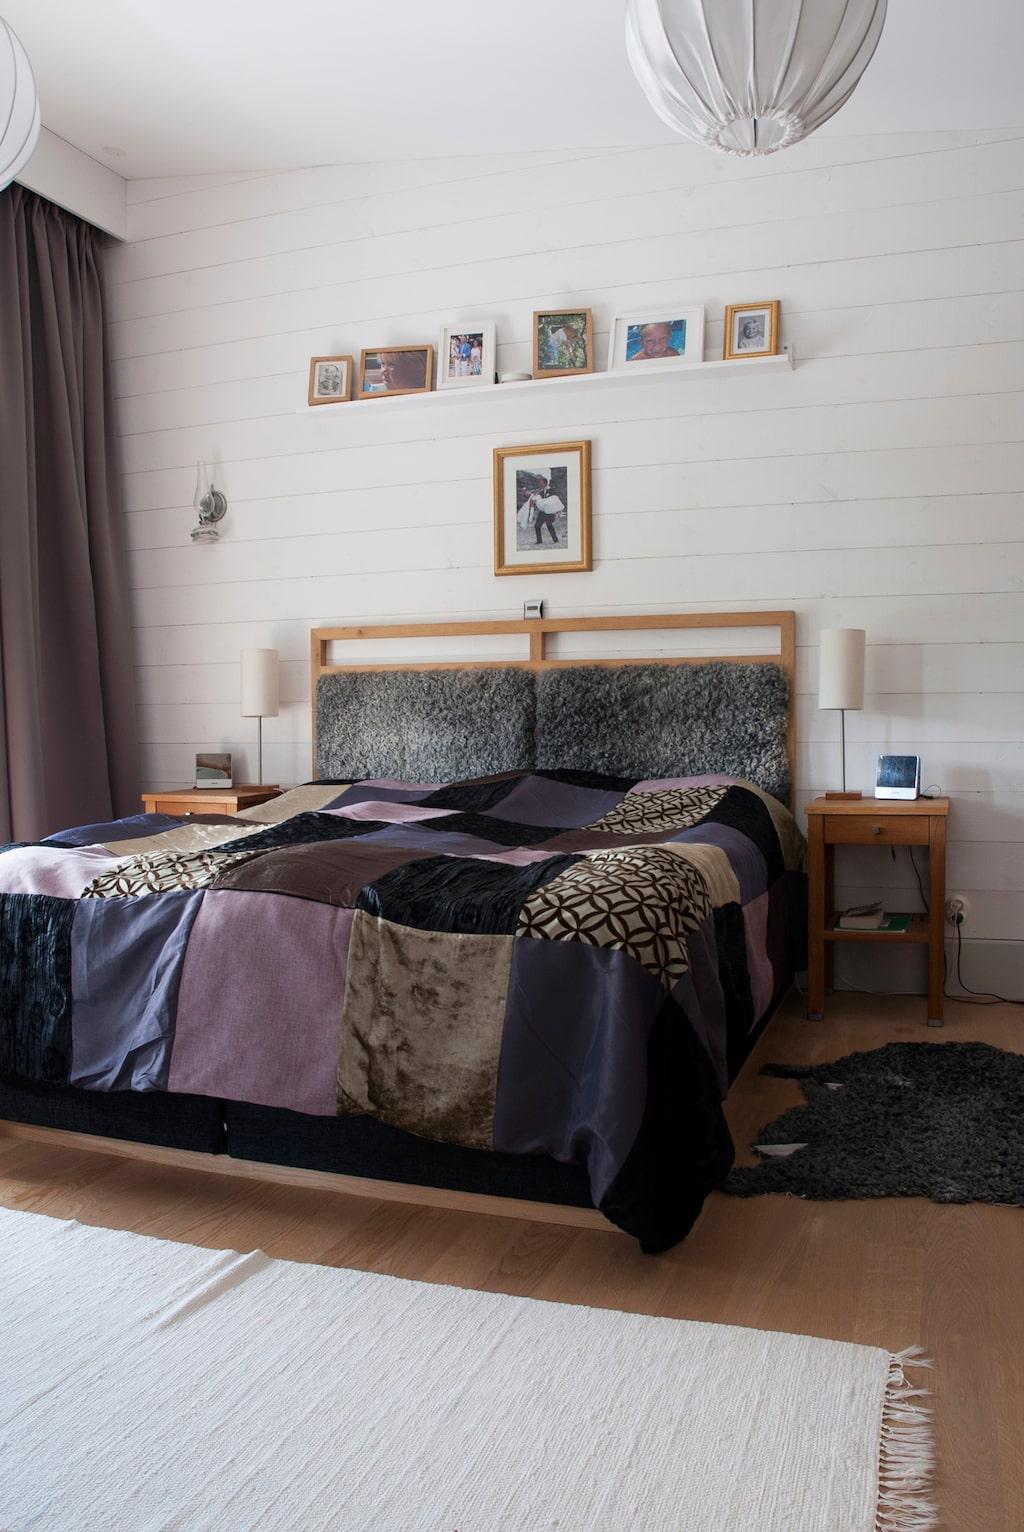 Sänggaveln i Maries och Jens sovrum är en kombination av ek och fårskinn från Maries föräldrahem, gården Roes Grötlingbo. Marie har designat och sytt lapptäcket på sängen.